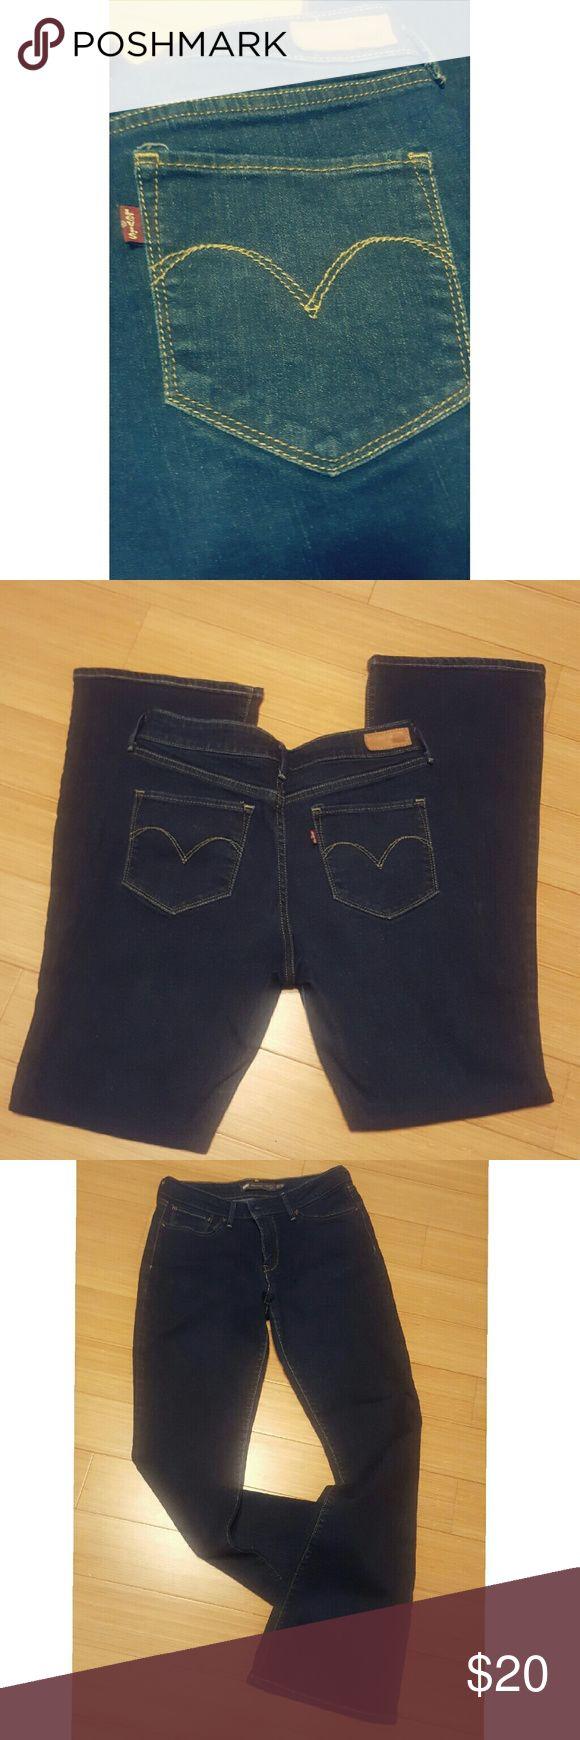 Levis jeans damen weites bein